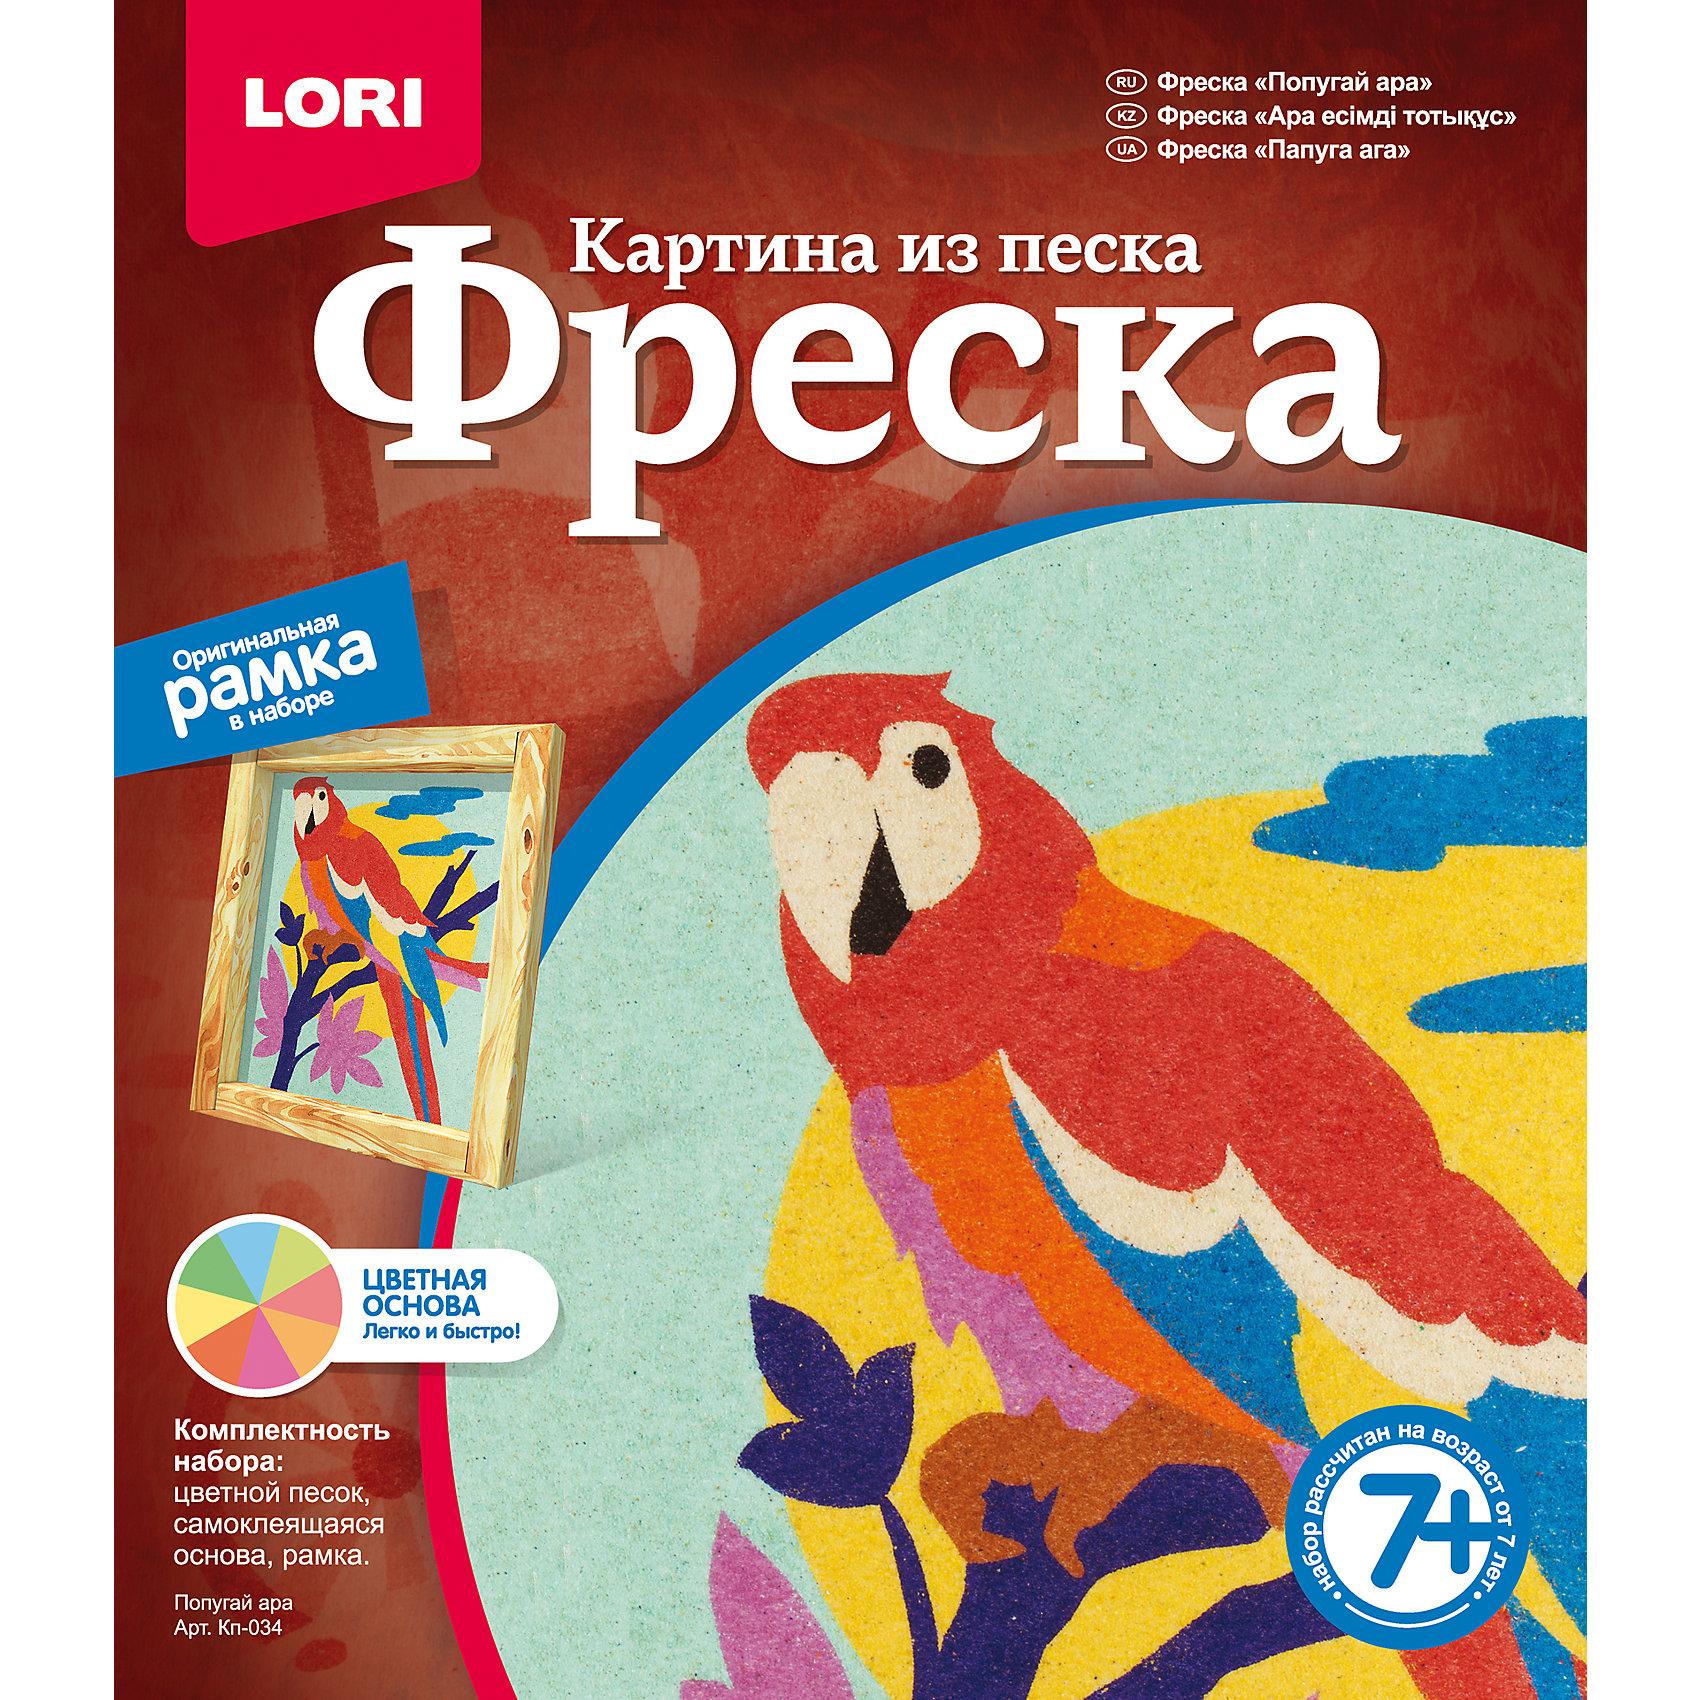 LORI Фреска-картина из песка Попугай ара наборы для творчества lori набор для изготовления барельефов из гипса мотоциклы